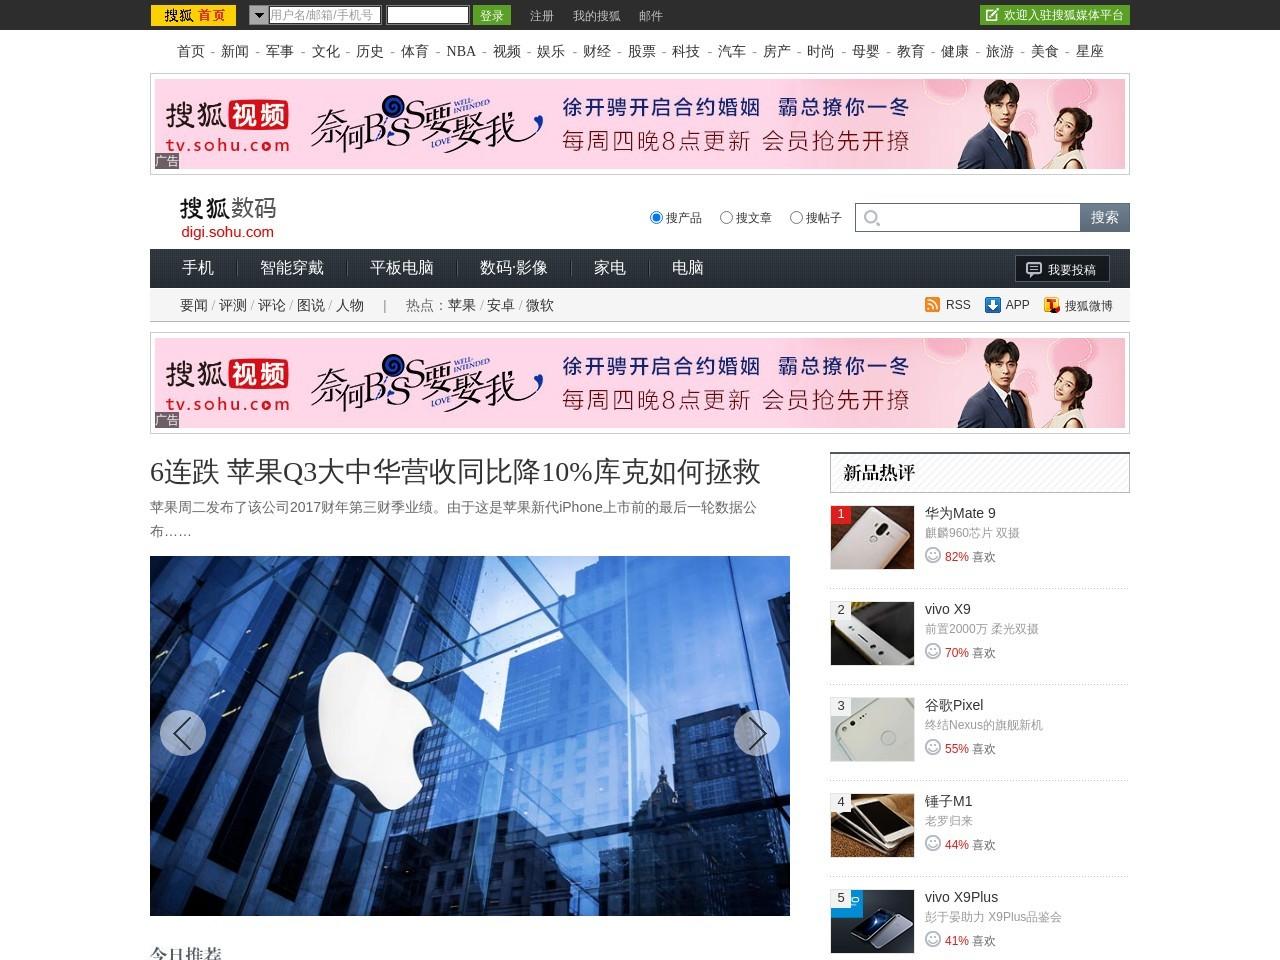 搜狐数码频道